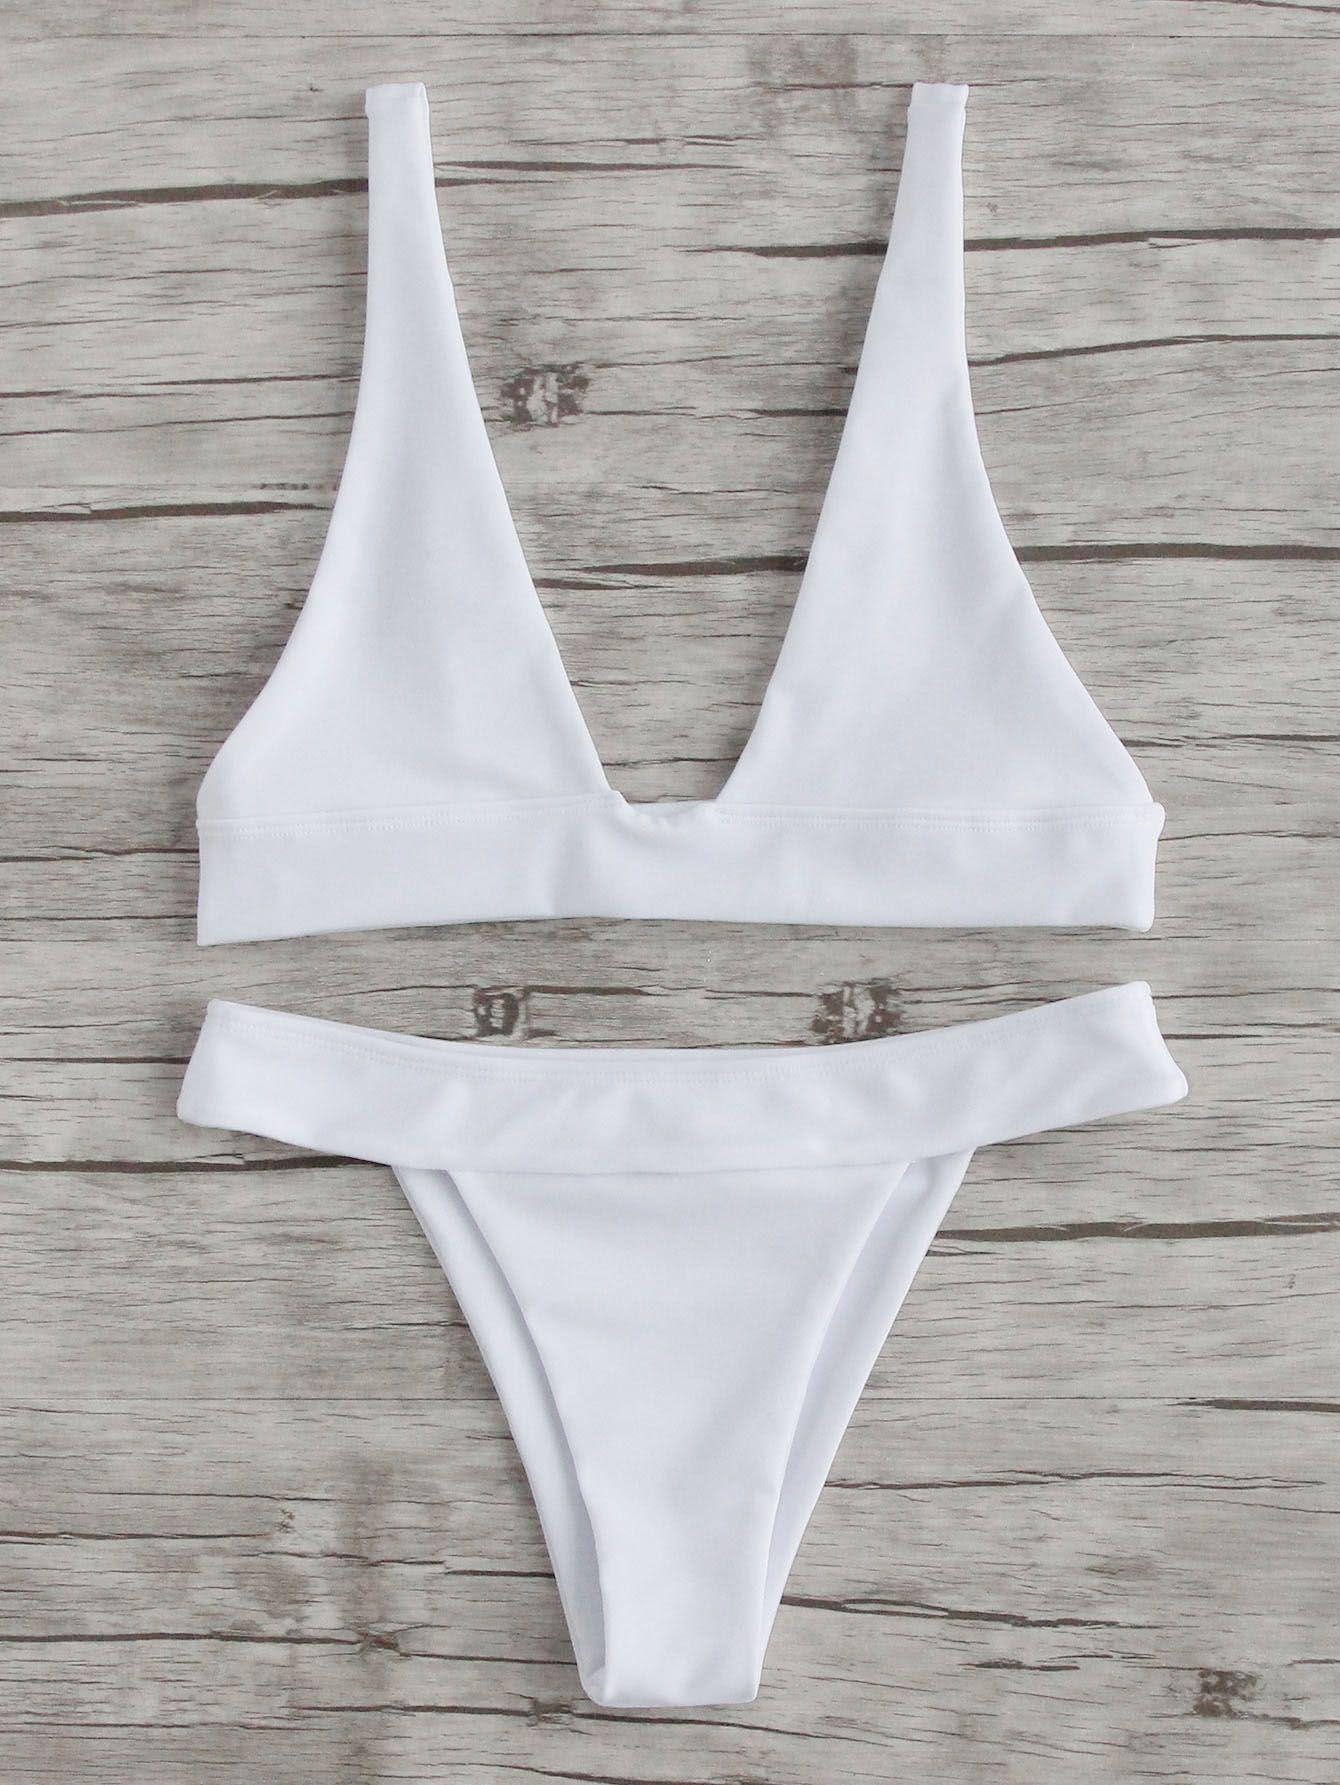 7f0813341f Compra Bikini de mujer de SheIn al mejor precio. Compara precios de  bañadores y bikinis de tiendas online como SheIn - Wossel España